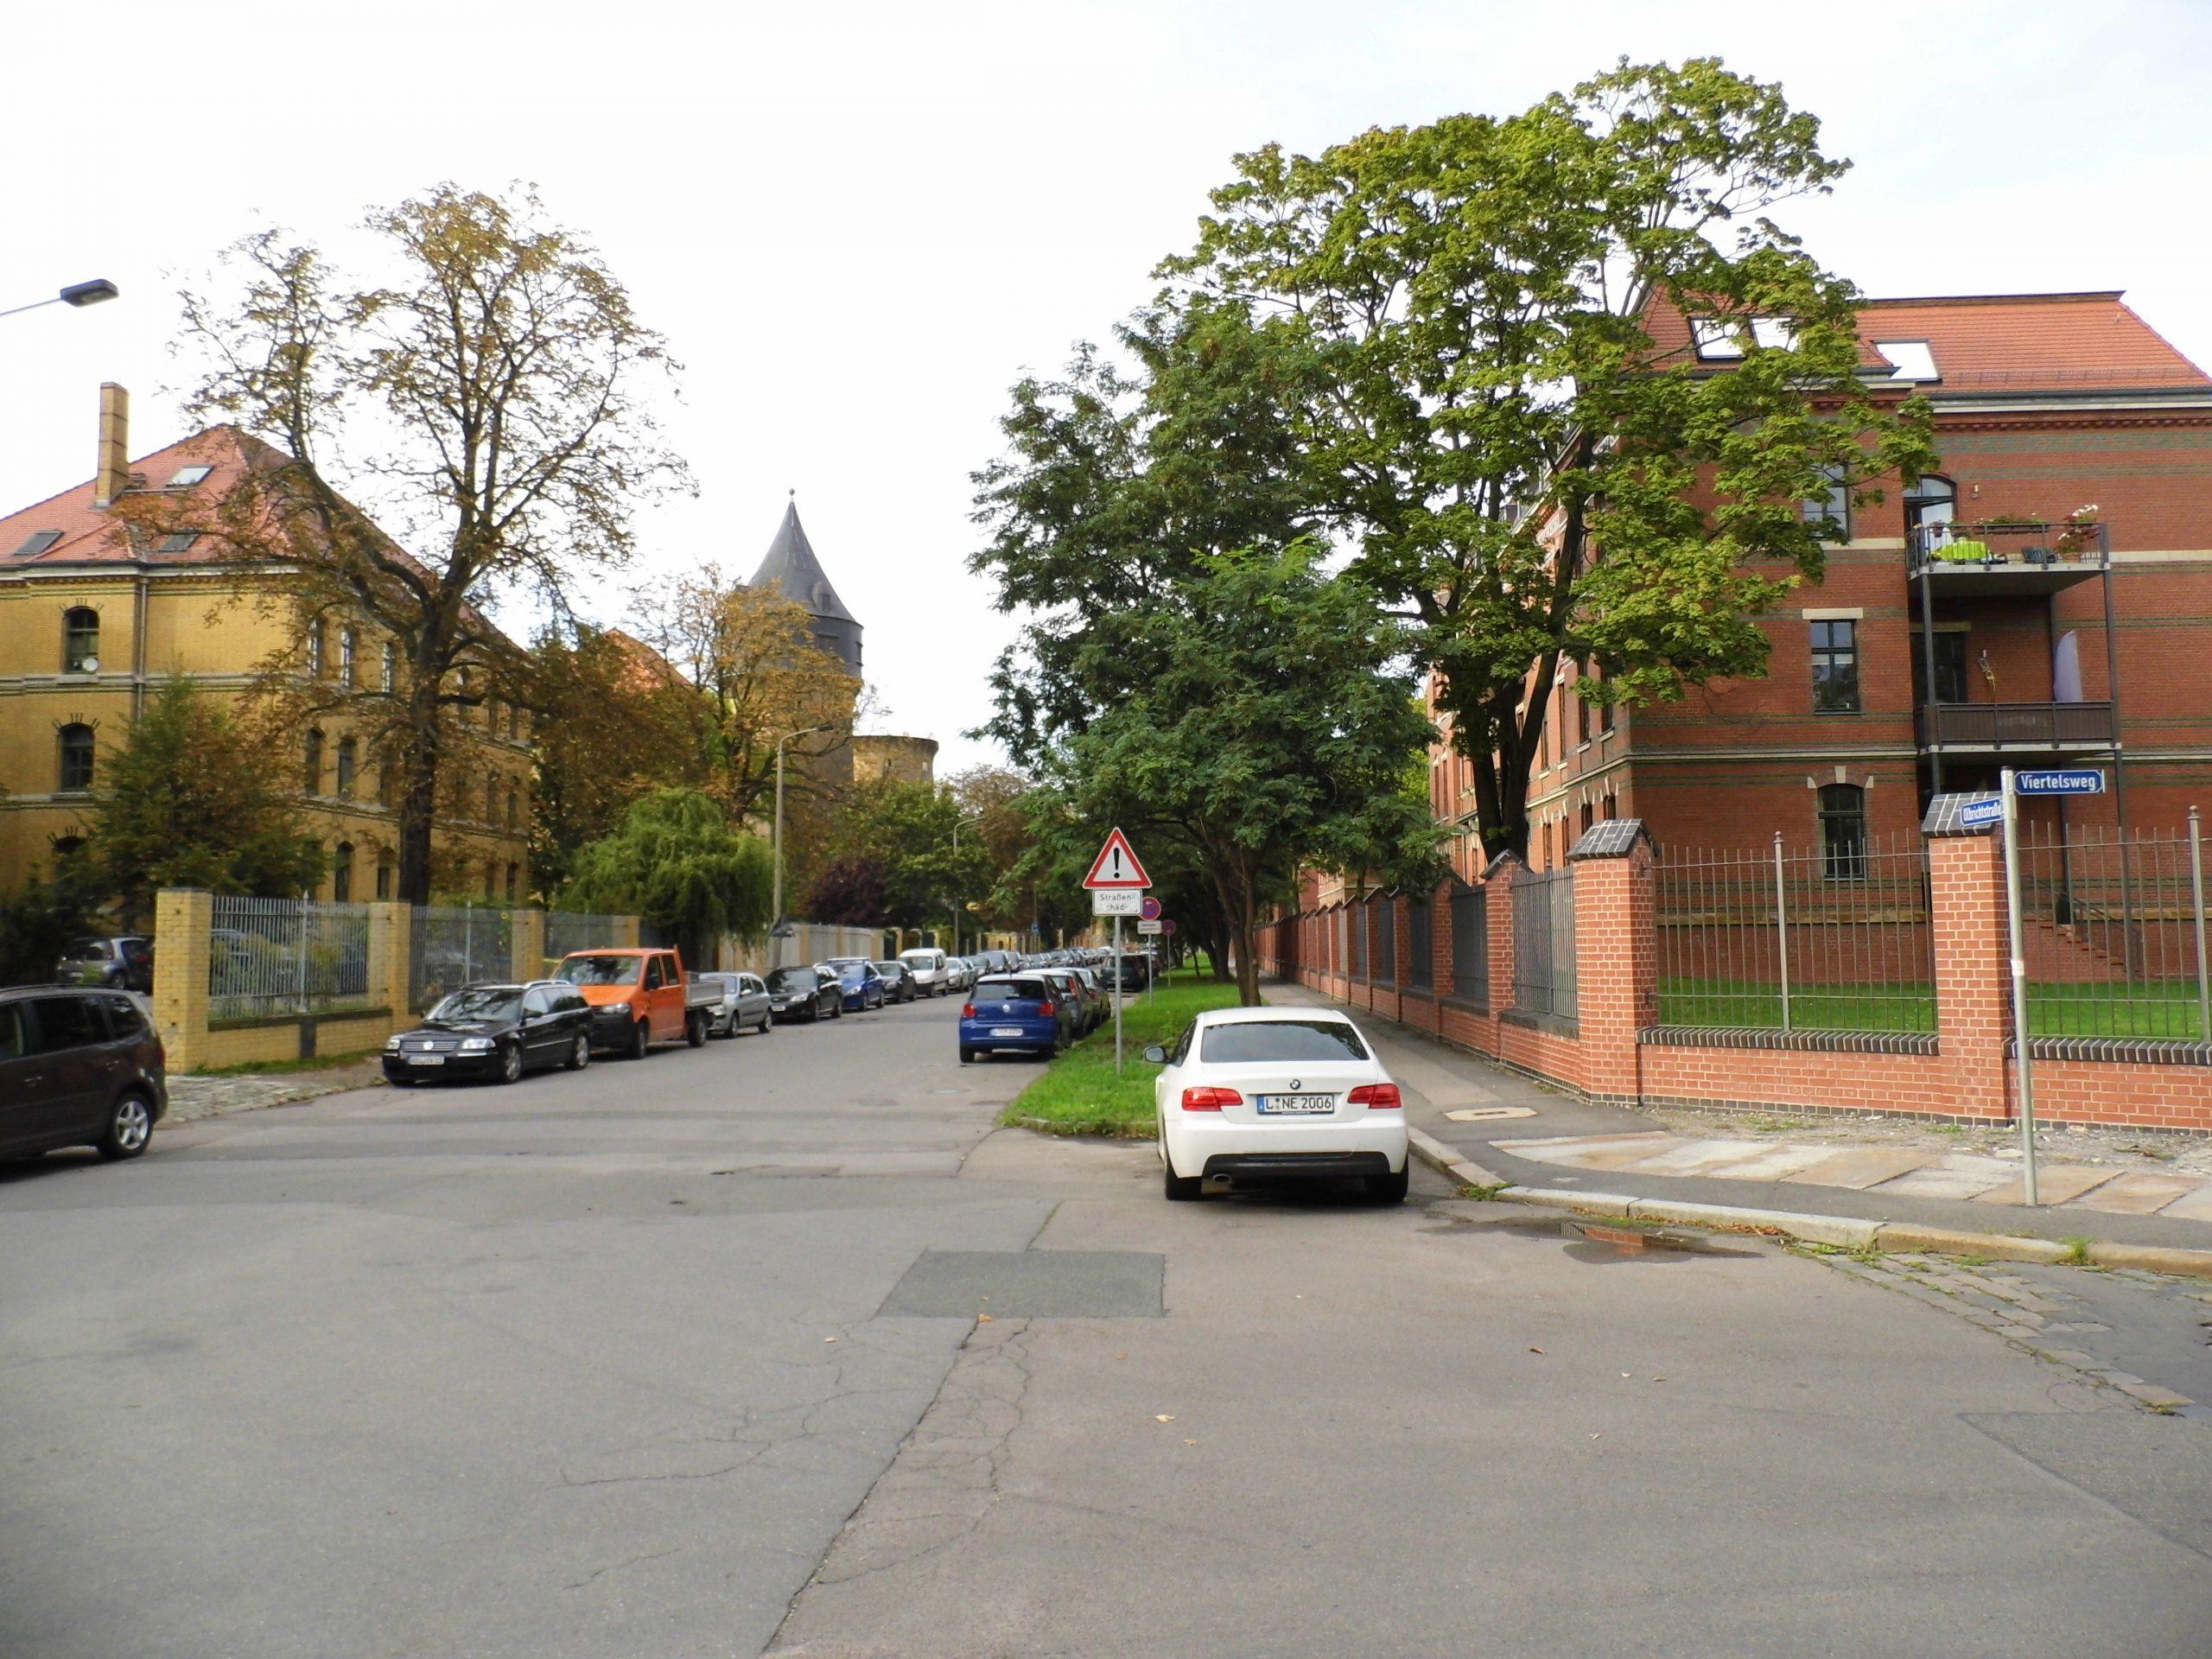 Rundgang durch das ehemalige Kasernengelände Möckern-Gohlis – 05.09.2020, 9.00 Uhr